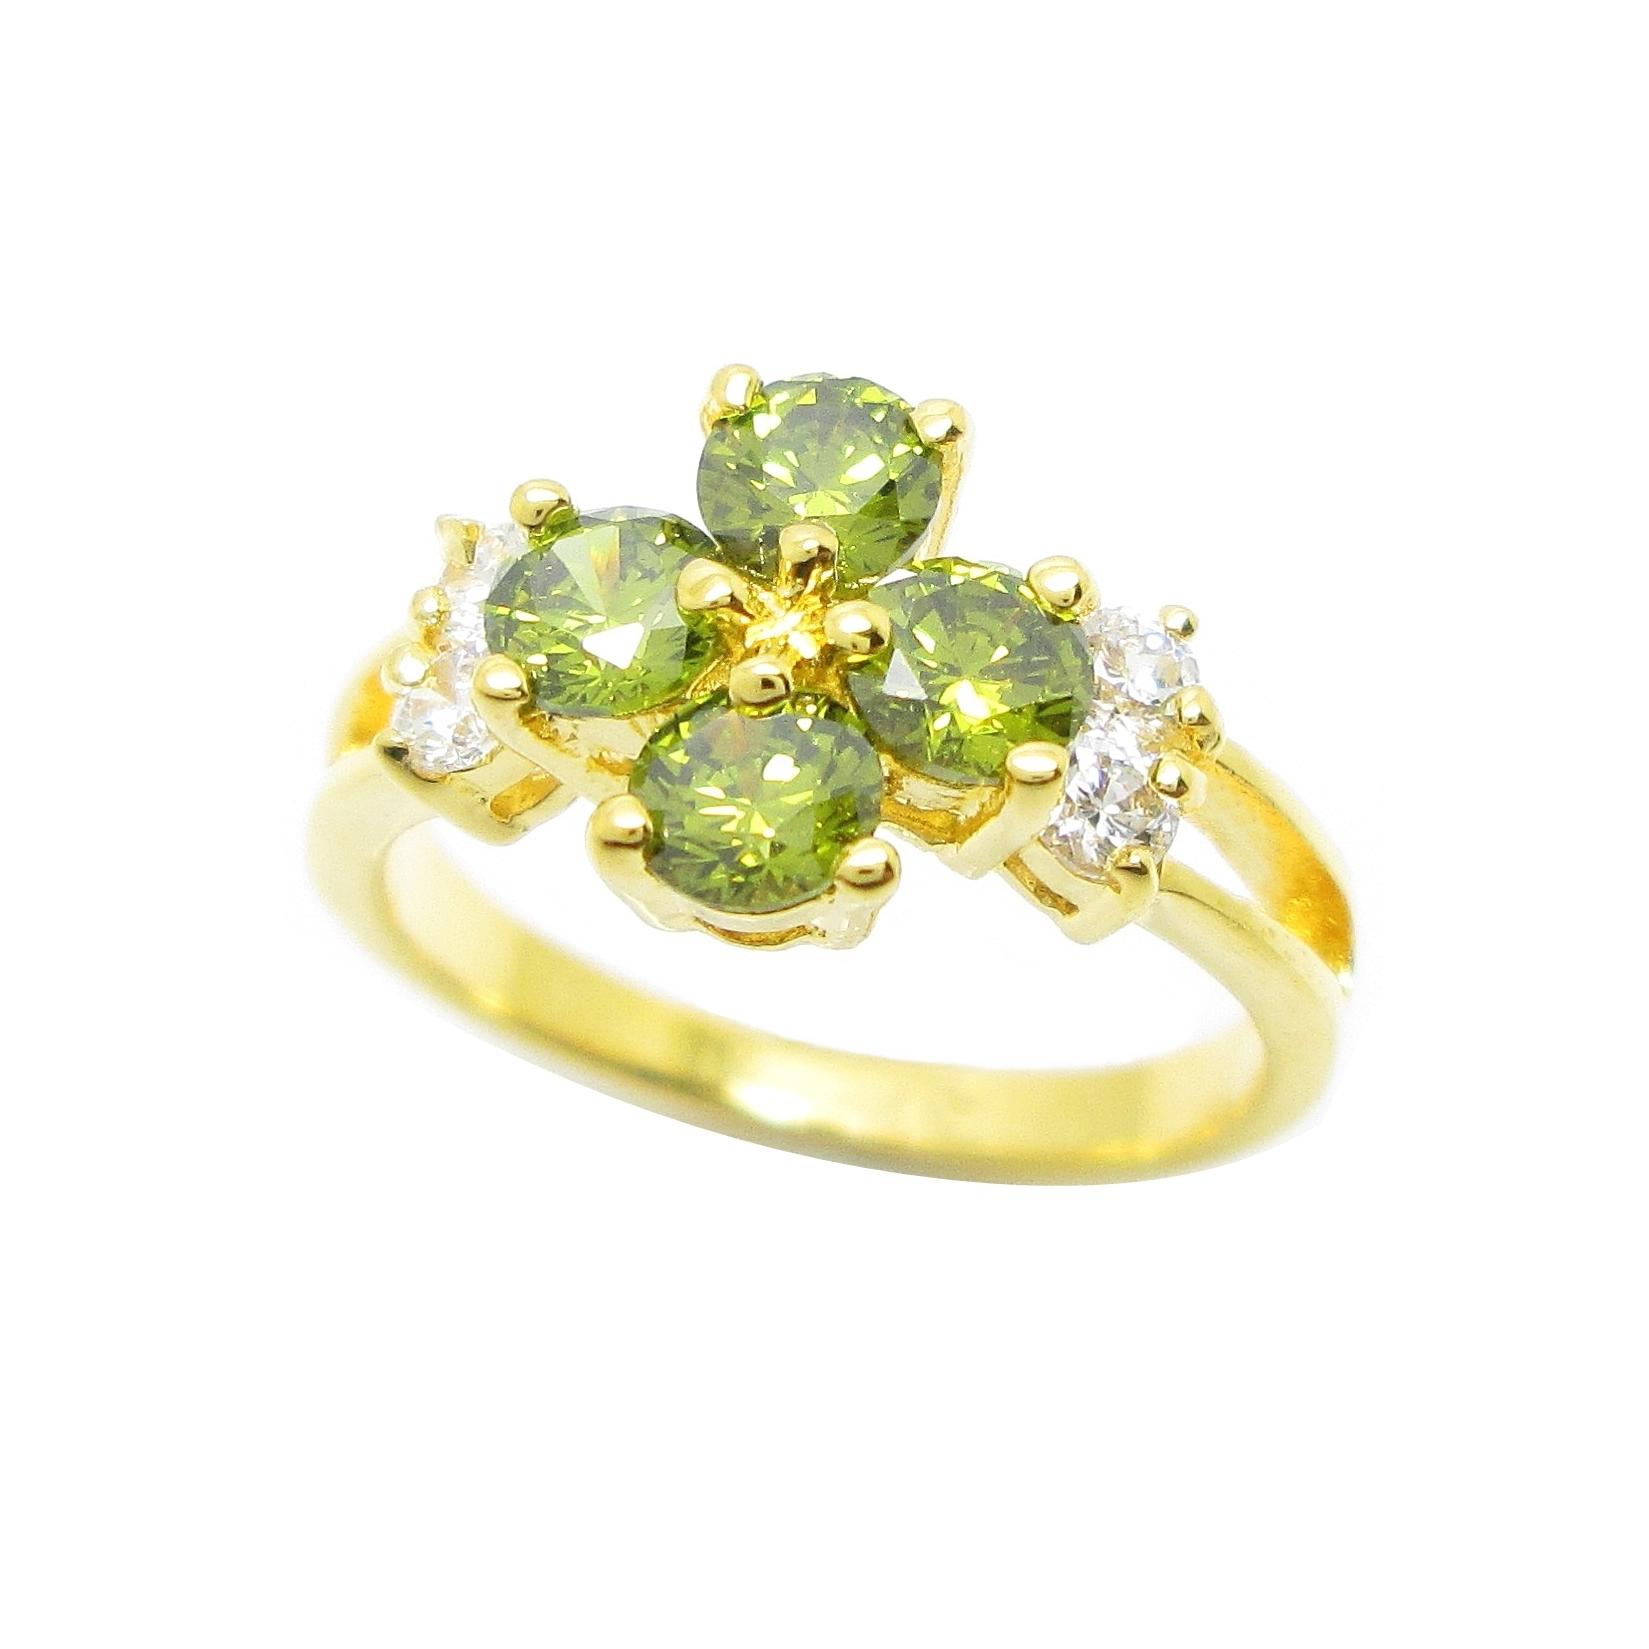 แหวนดอกไม้พลอยสีเขียวส่องประดับเพชรข้างชุบทอง